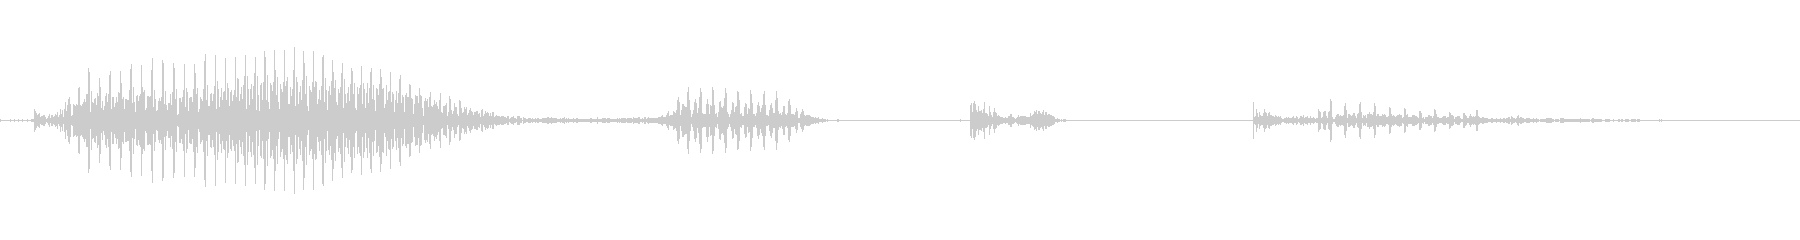 パーフェクトの未再生の波形